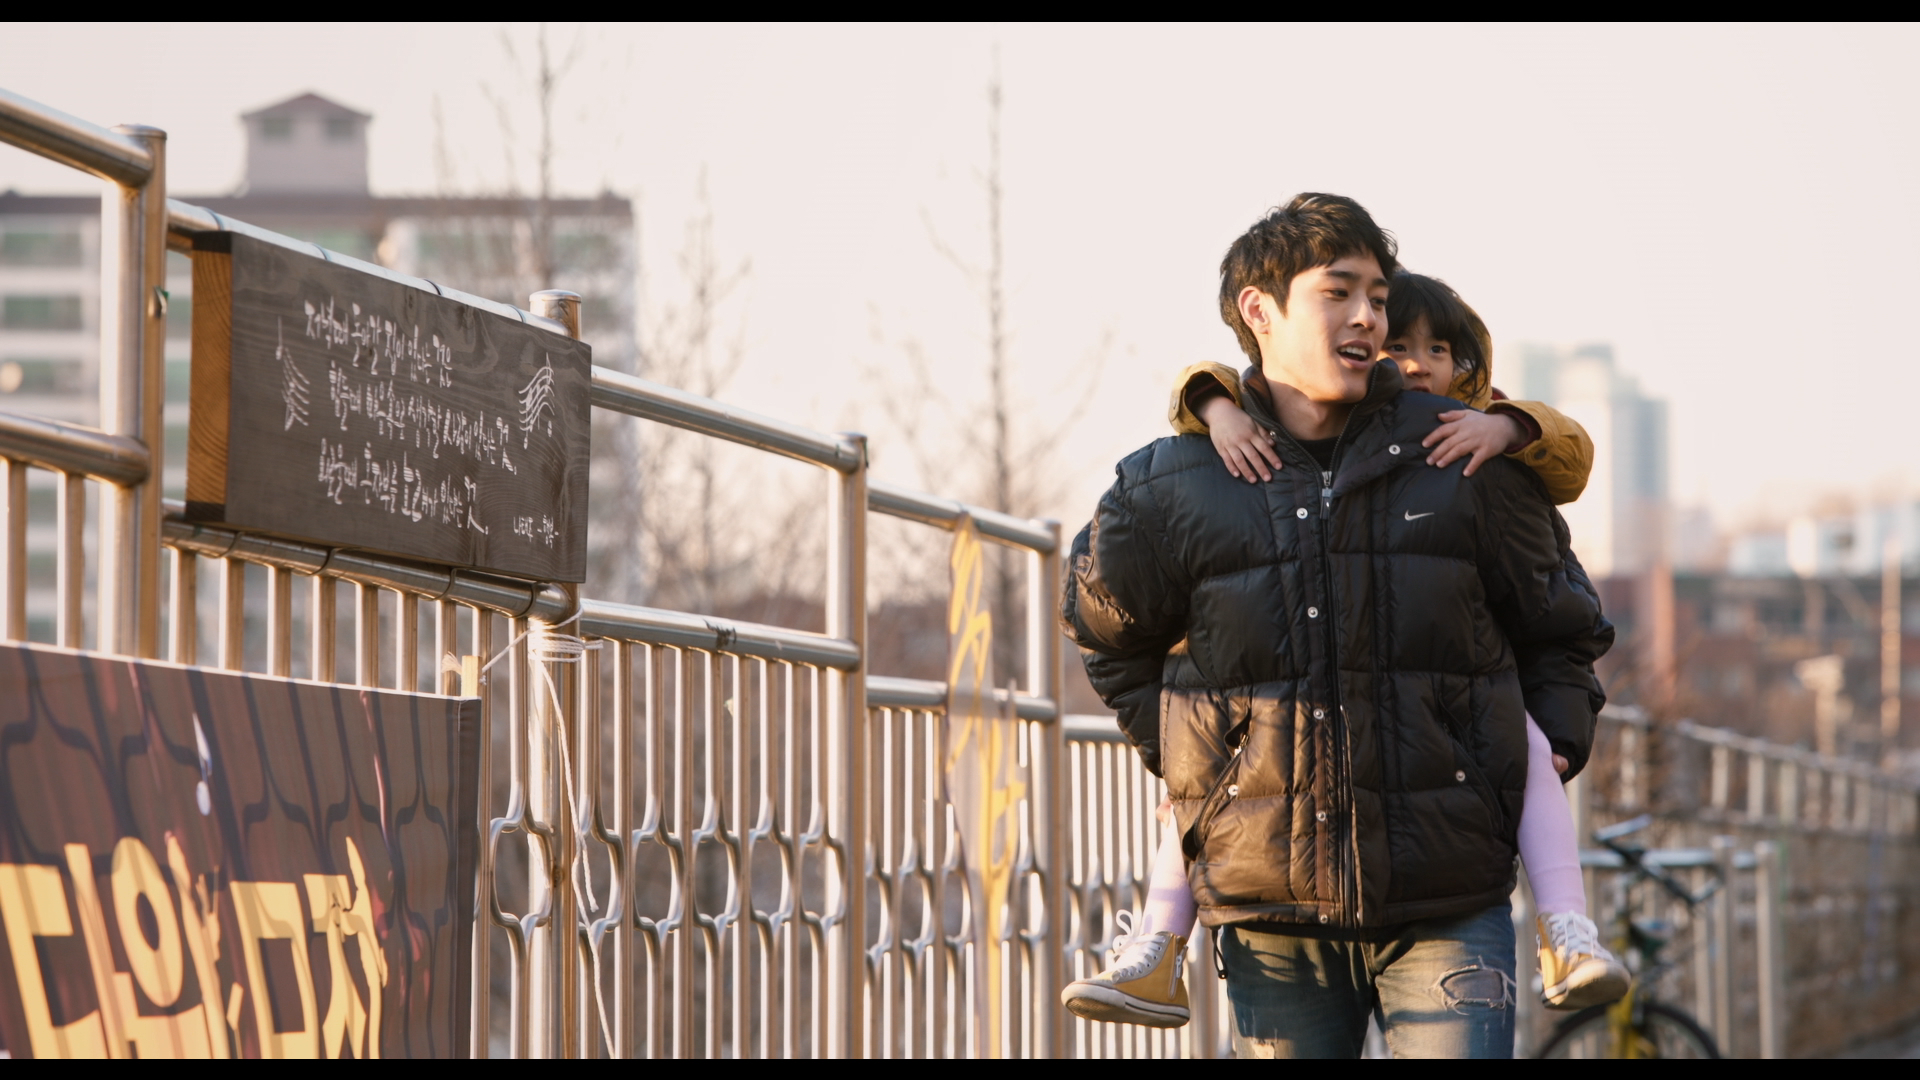 [단편영화 프로젝트 : beginning] #3 윤정혁 <빅빅월드> Yun Jeong Hyuk - Big Big World)